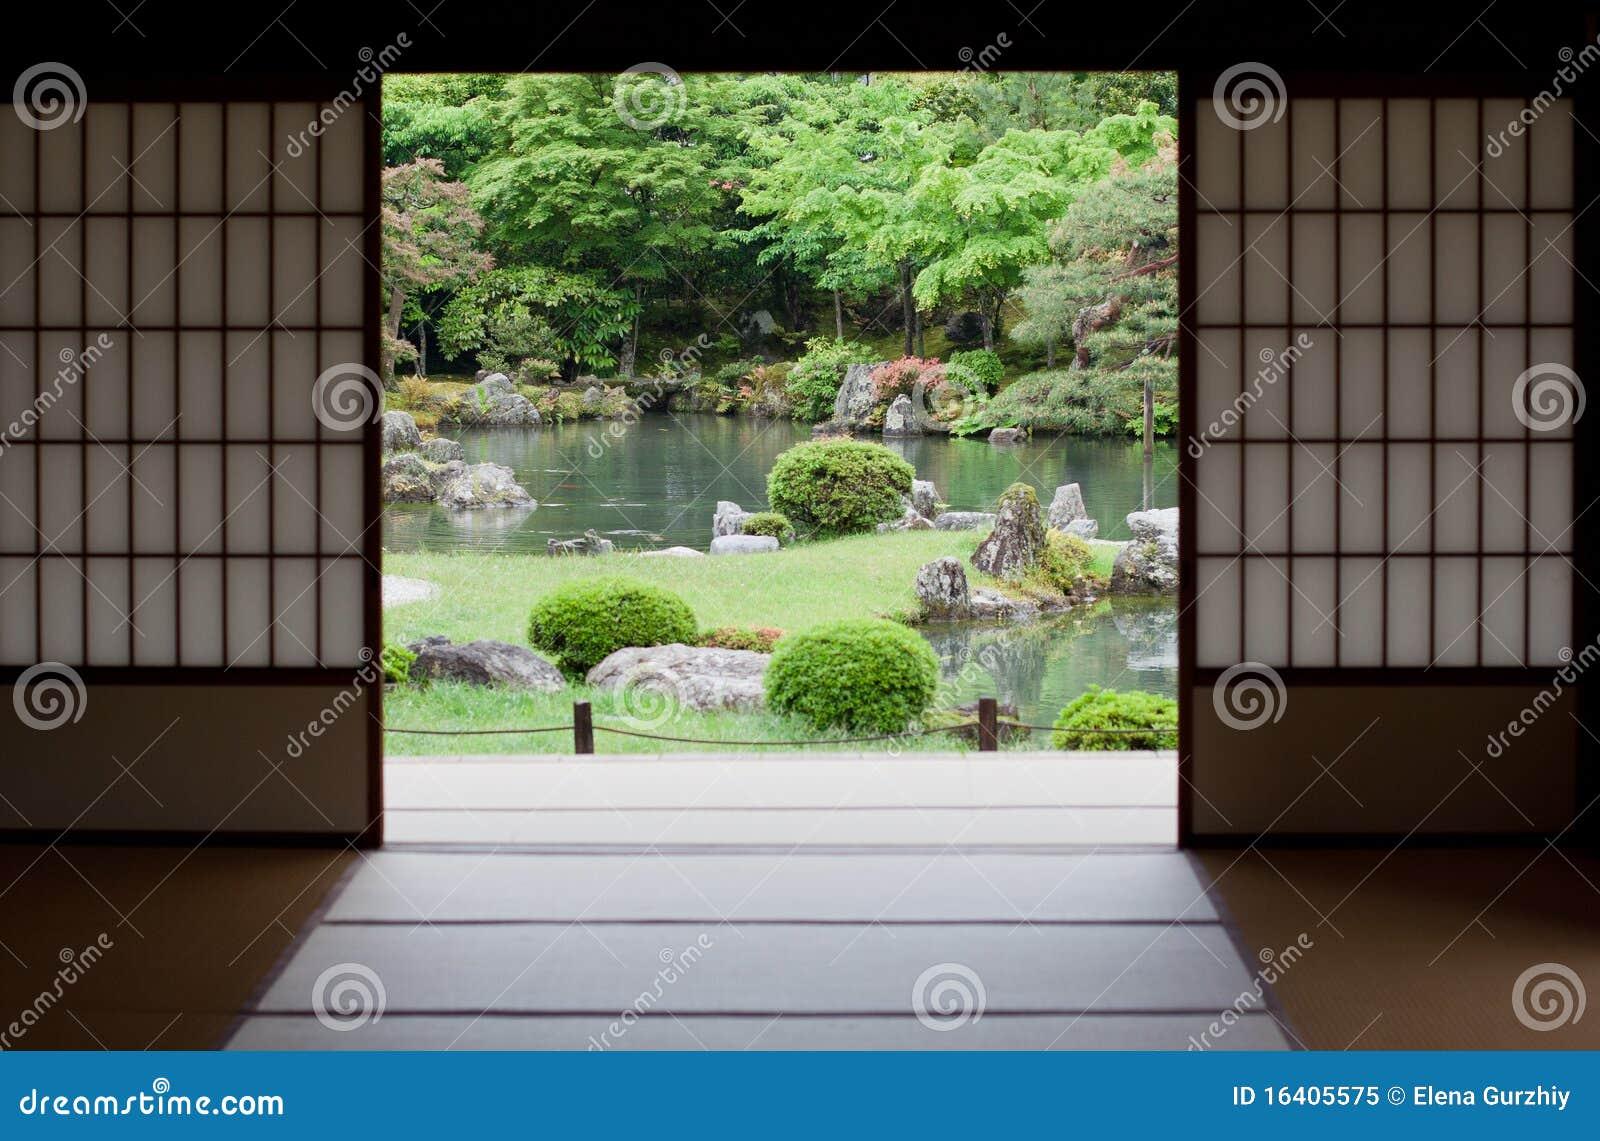 Jardin japonais kyoto japon photo libre de droits for Jardin kyoto